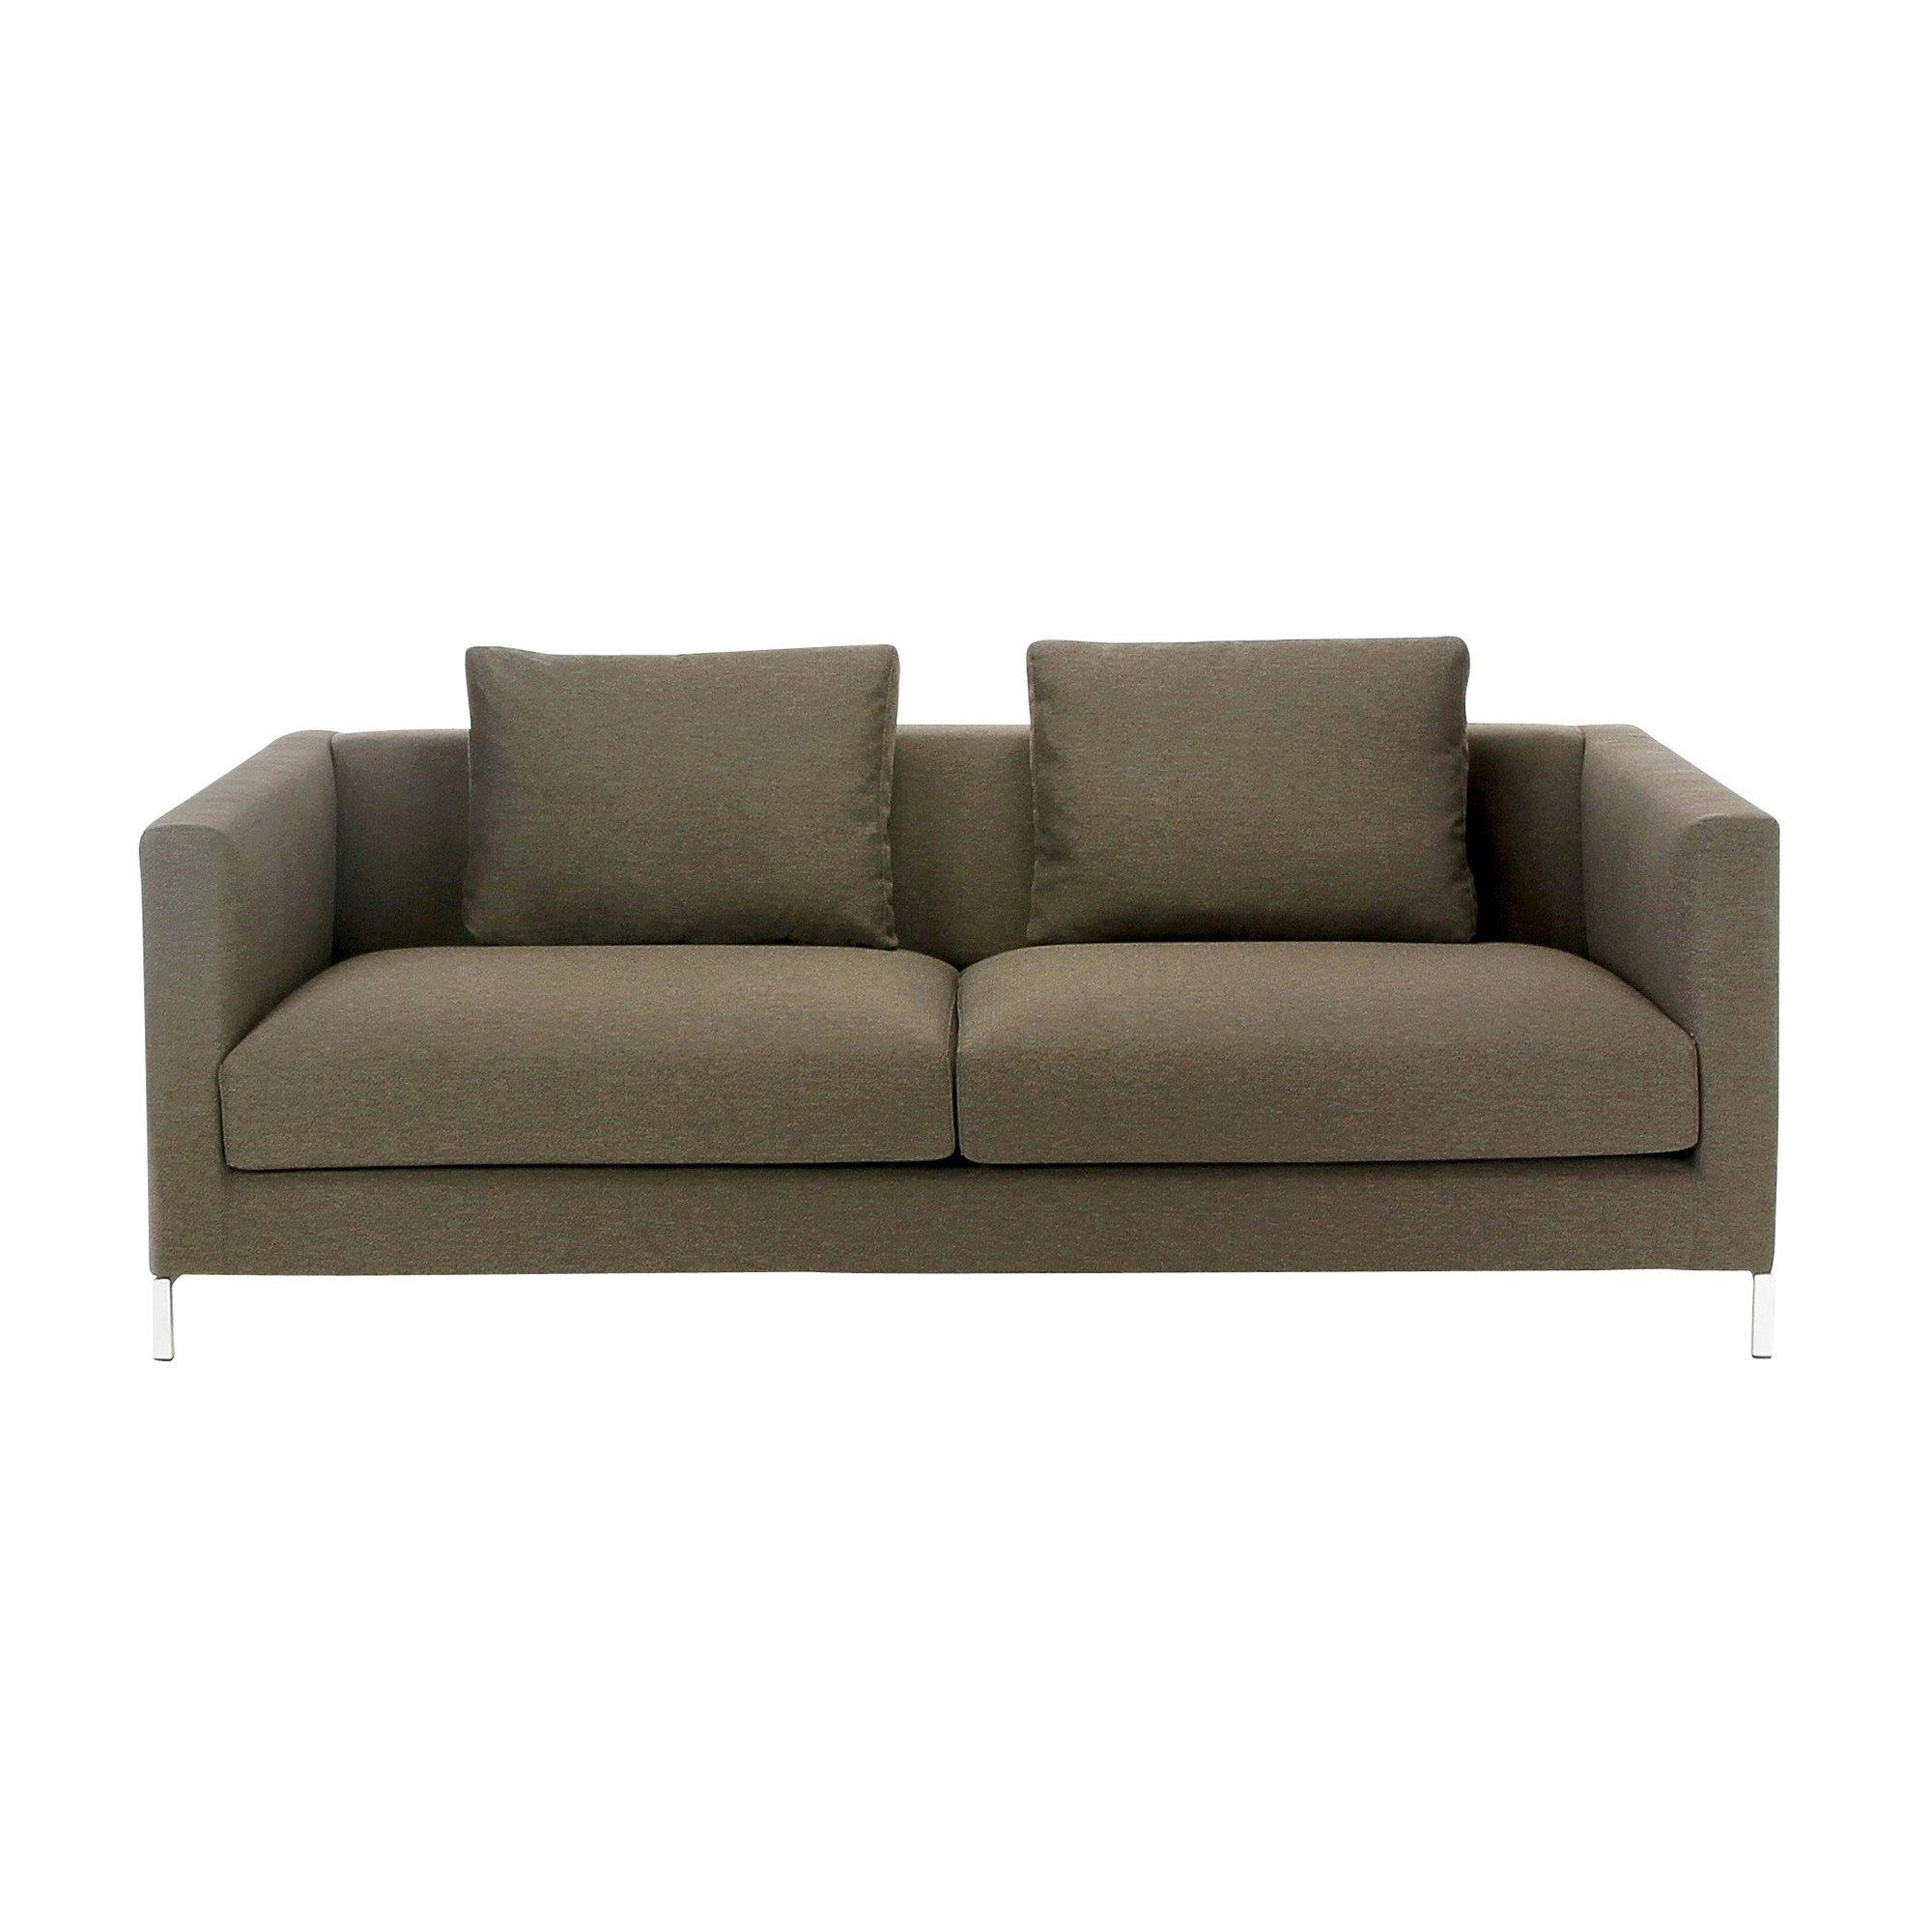 Bezaubernd 3 Sitzer Couch Dekoration Von Adwood - Cube Sofa 3-sitzer 202x92cm